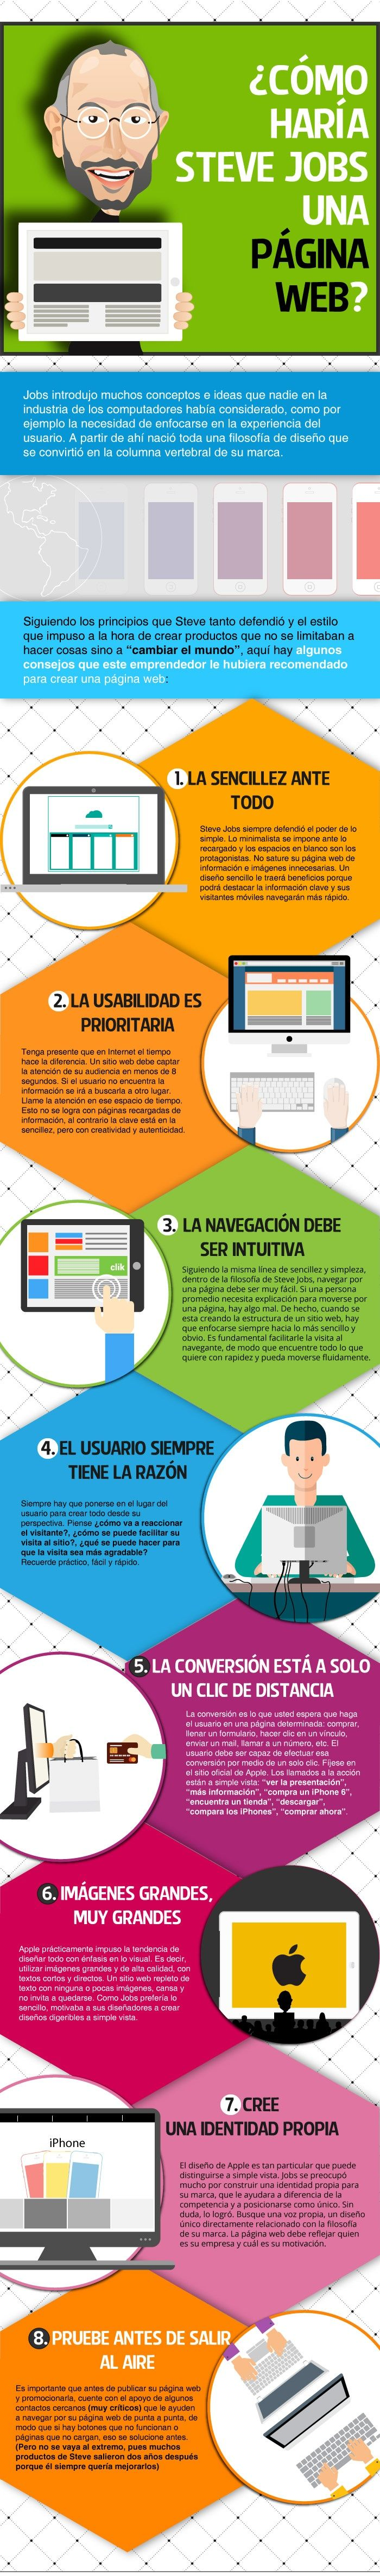 Cómo haría Steve Jobs una página Web | Web Bizarro